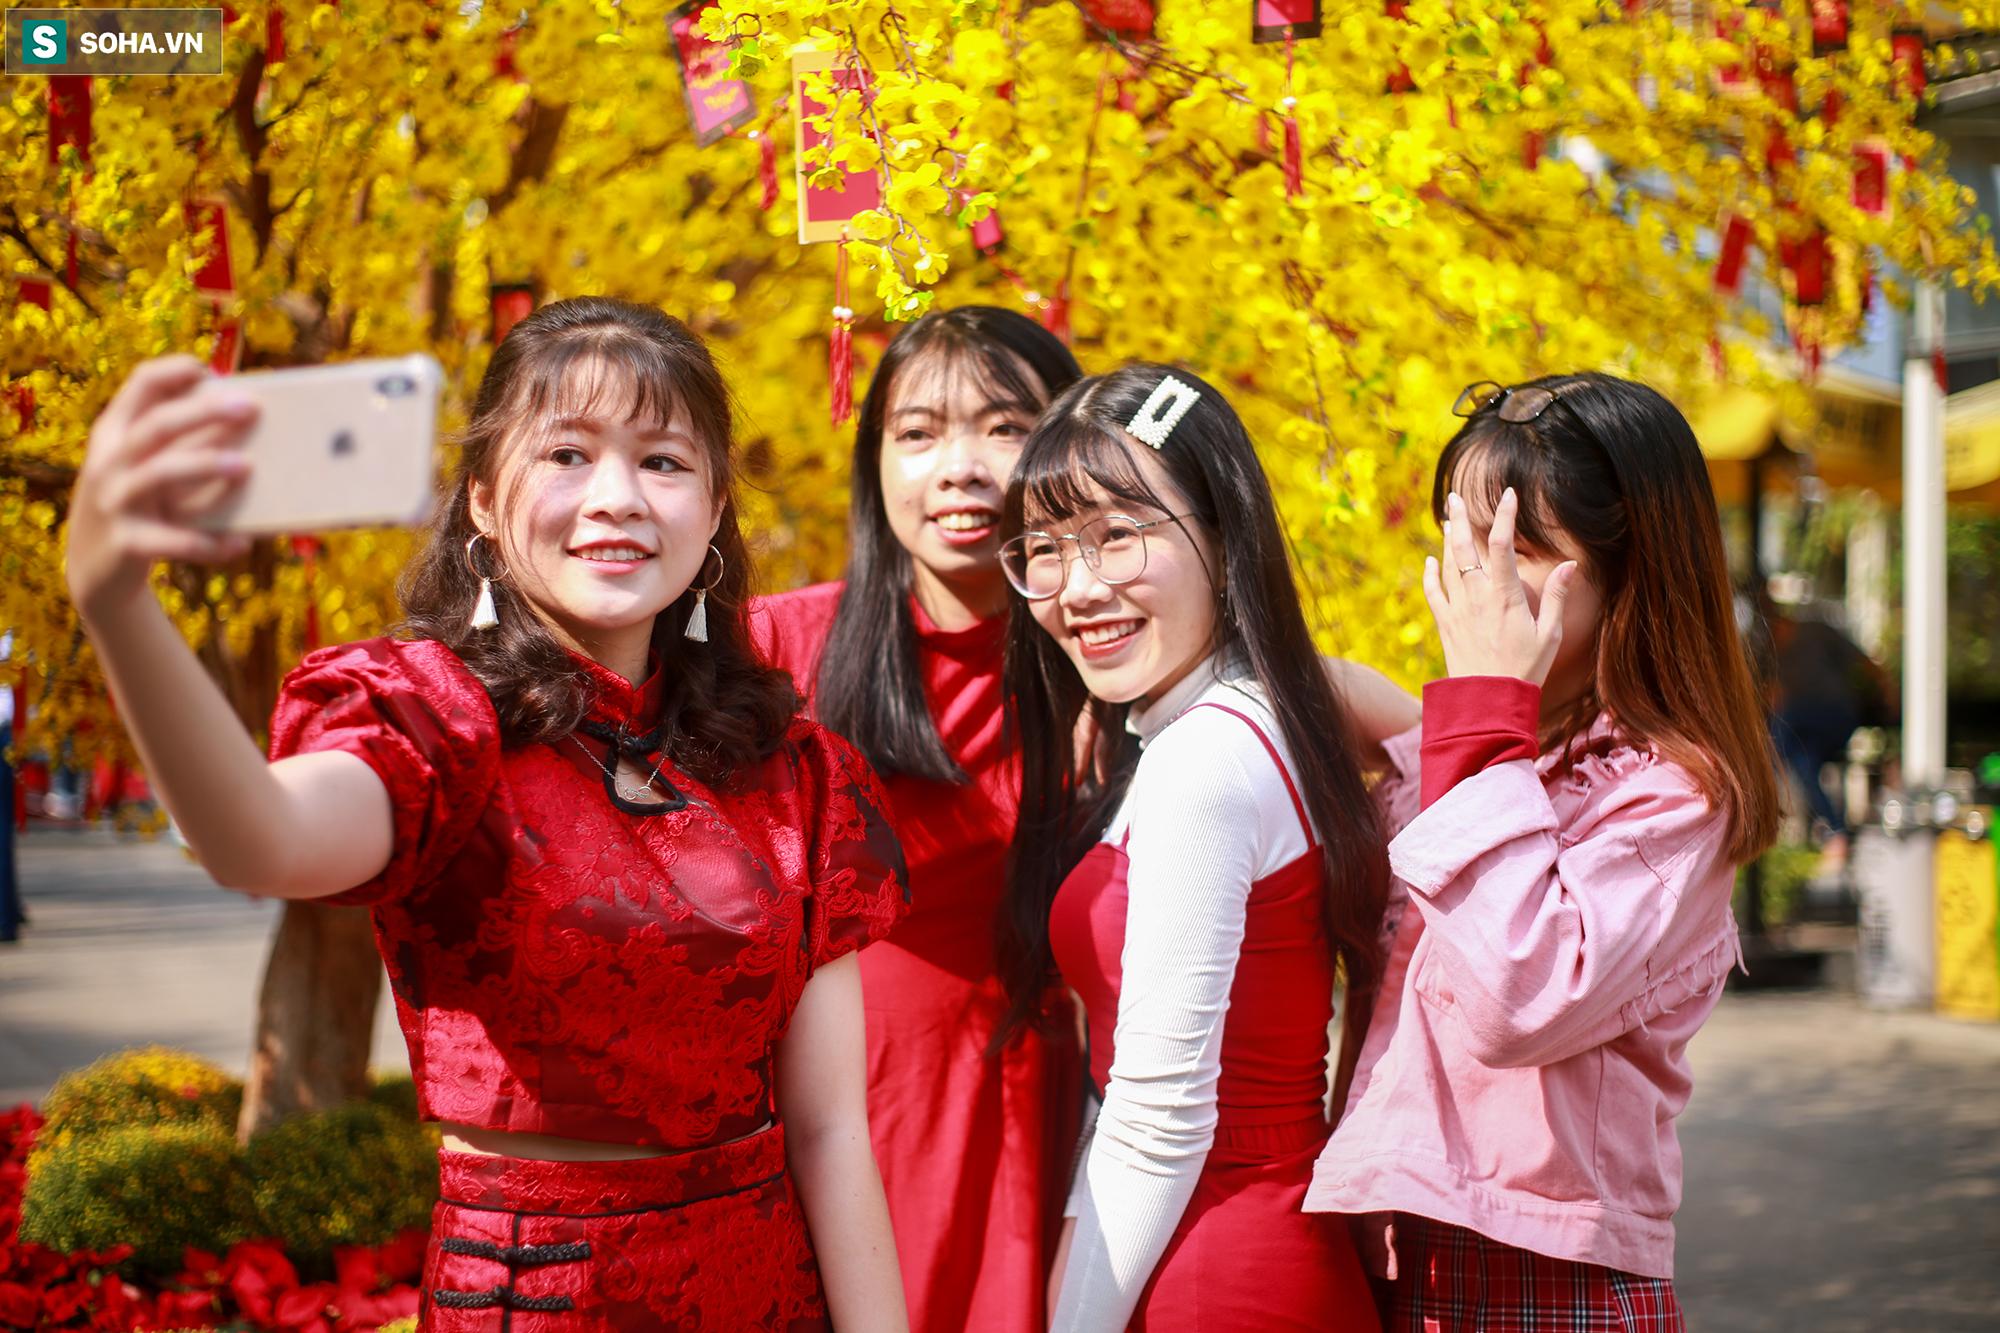 [Ảnh] Thiếu nữ Sài Gòn xinh đẹp xúng xính áo dài check-in sống ảo ở con đường hoa mai - Ảnh 4.